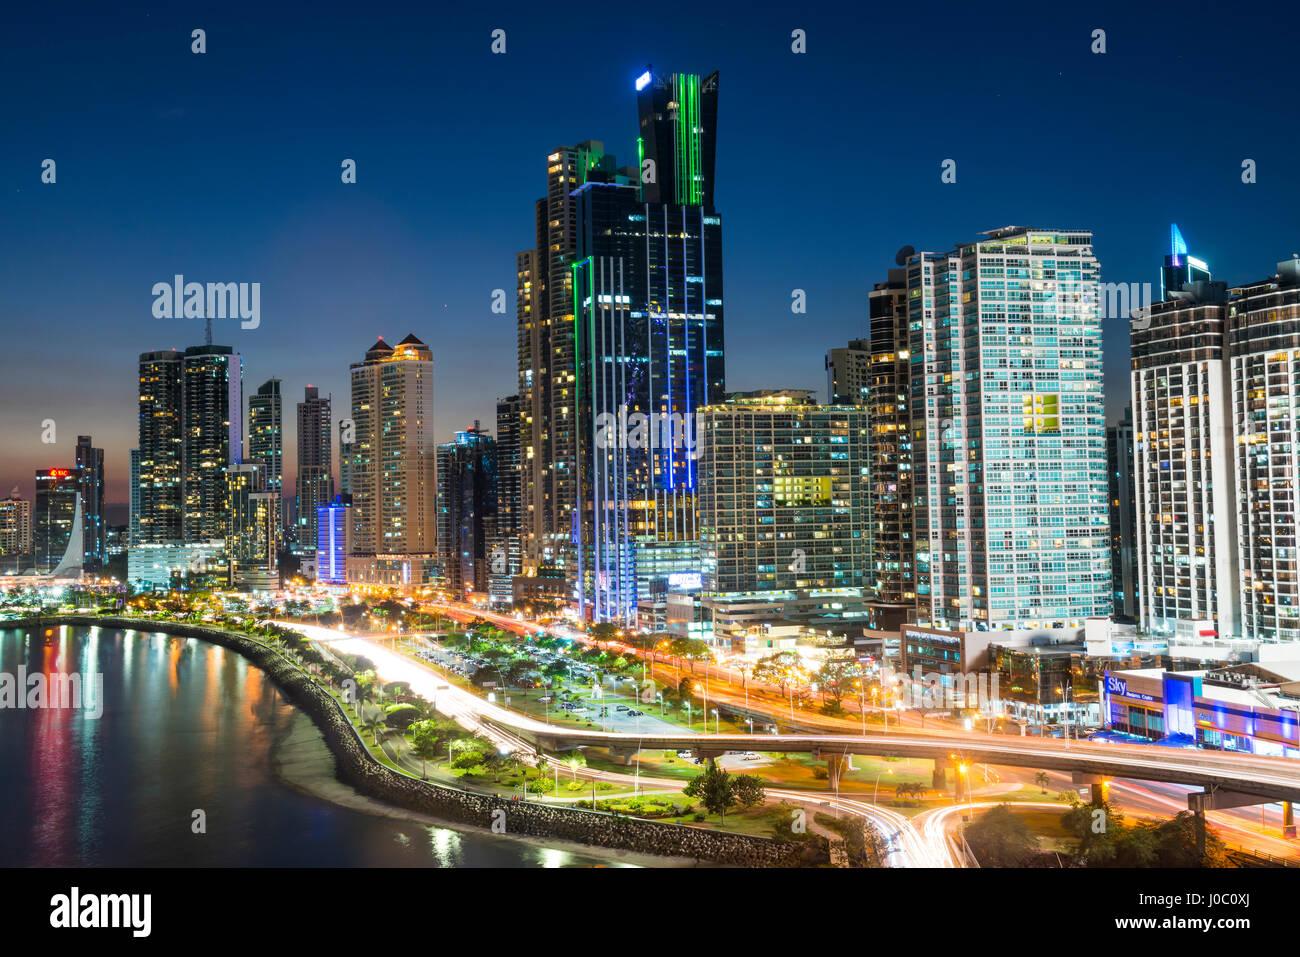 El horizonte de la Ciudad de Panamá en la noche, La Ciudad de Panamá, Panamá, América Central Foto de stock